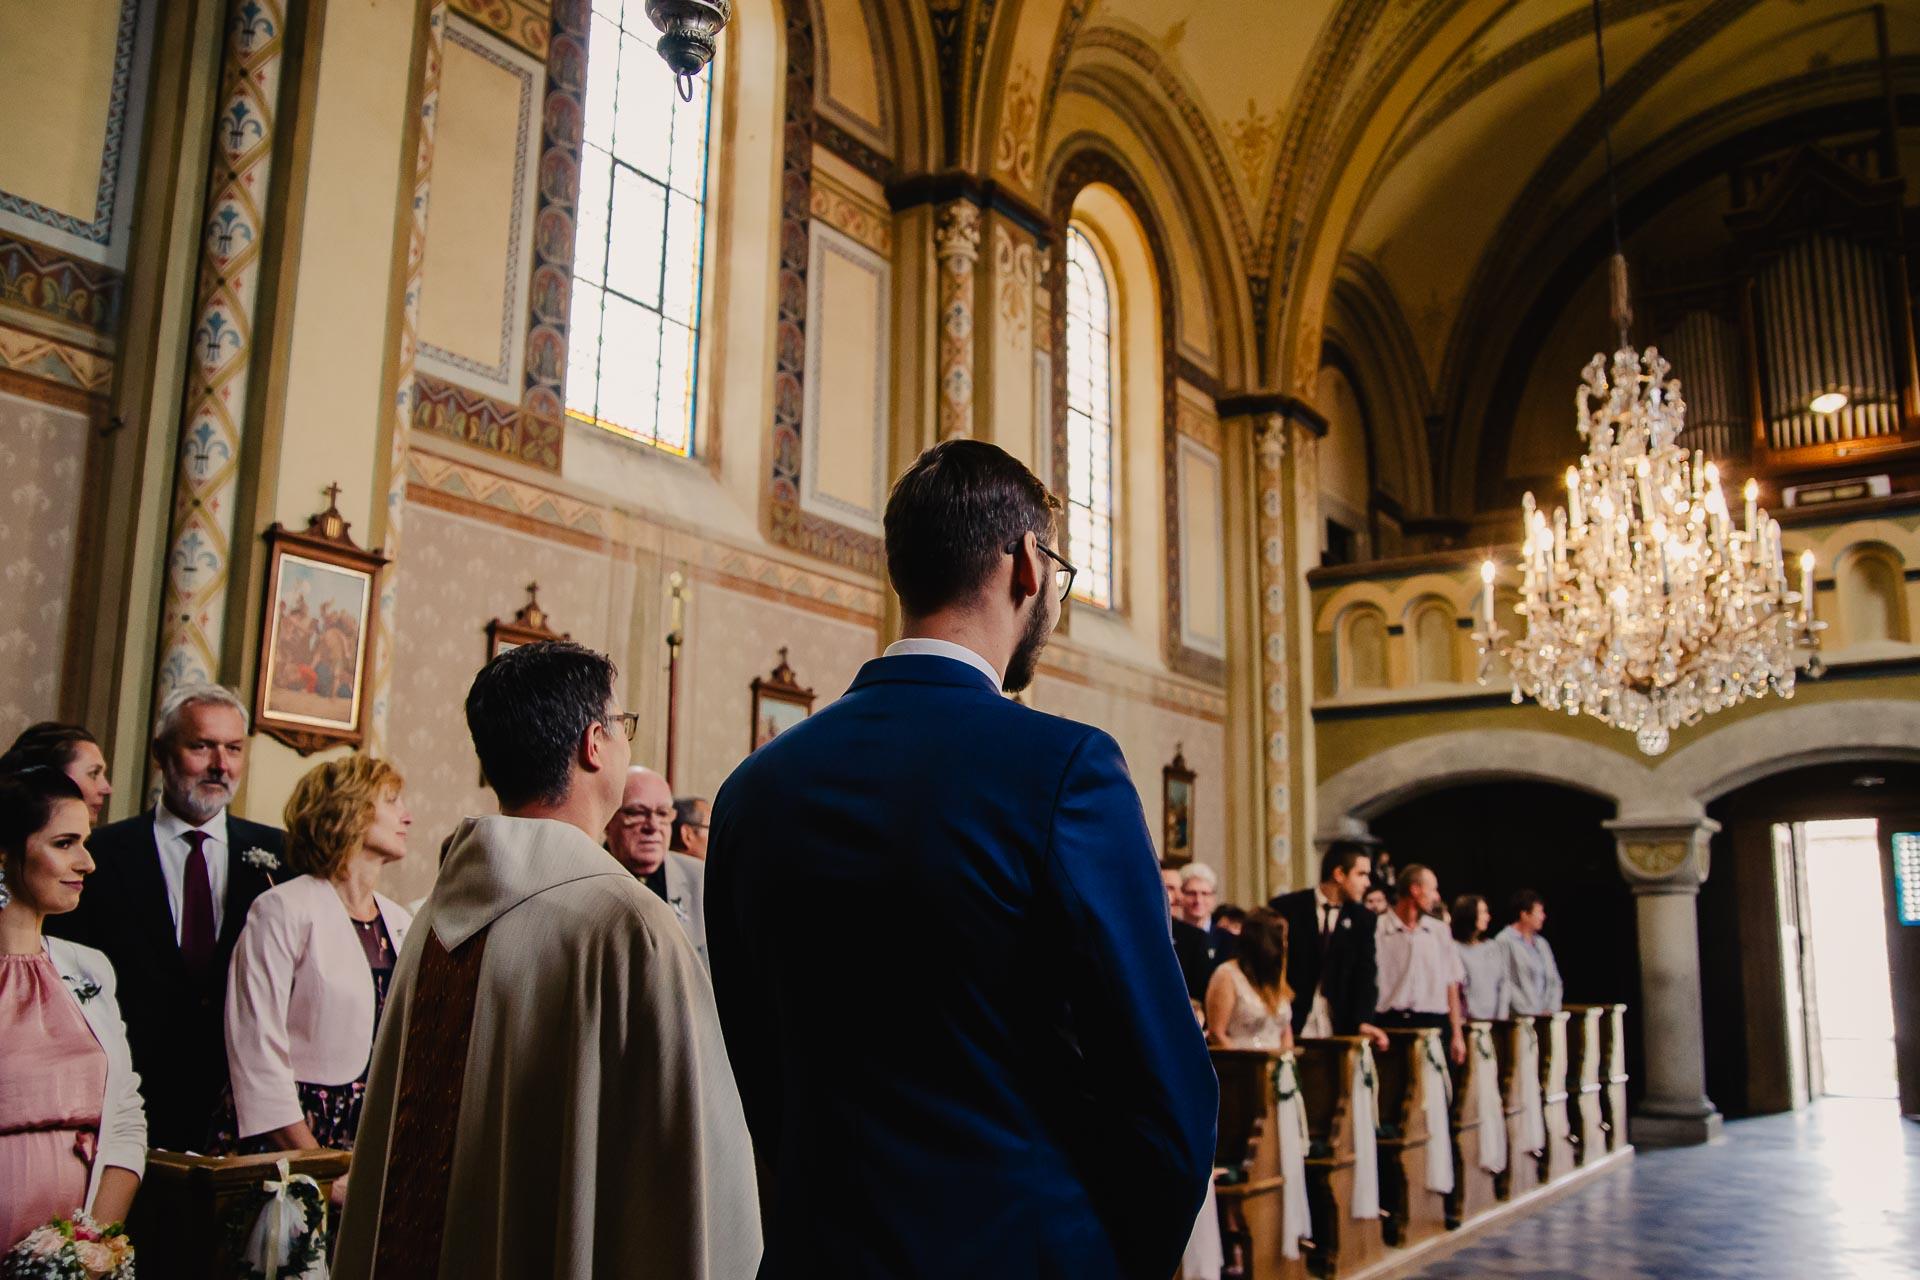 svatební fotograf Praha,svatba střední čechy, církevní obřad, svatba v kostele, nejhezčí svatební fotografie-2232